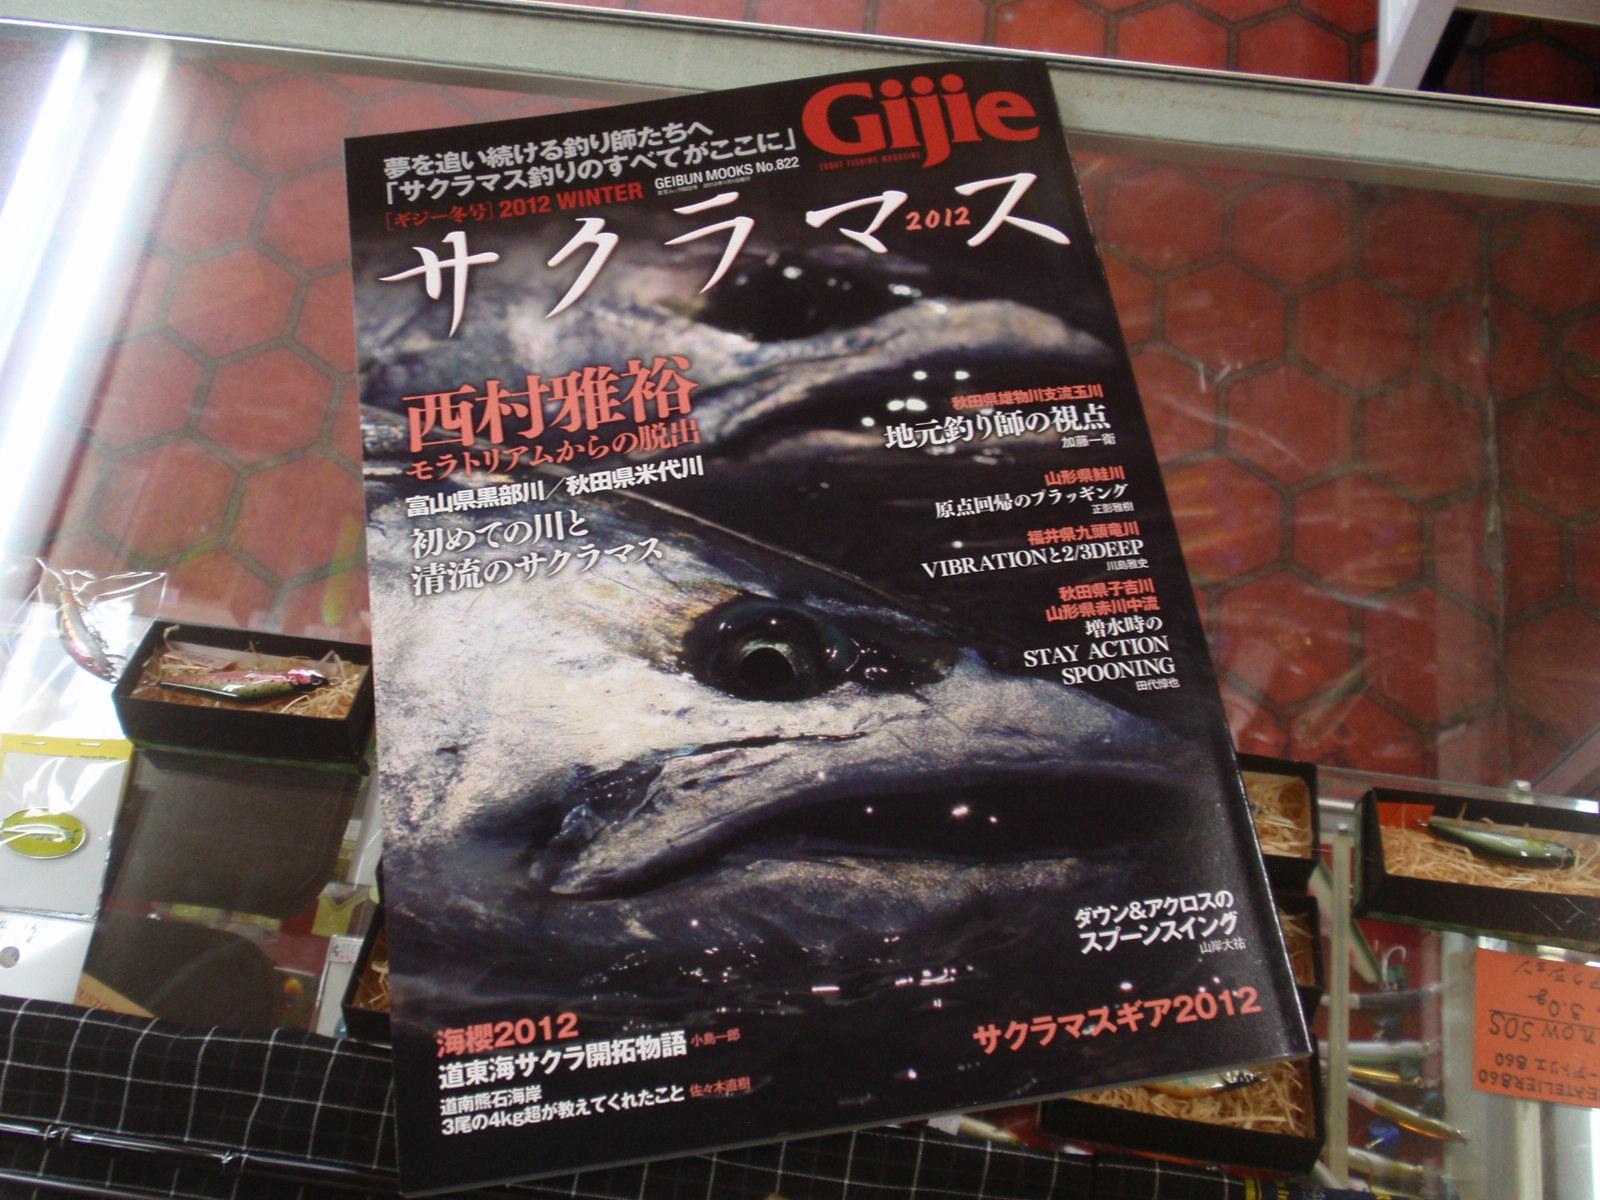 ・Gijie_a0165135_15343515.jpg